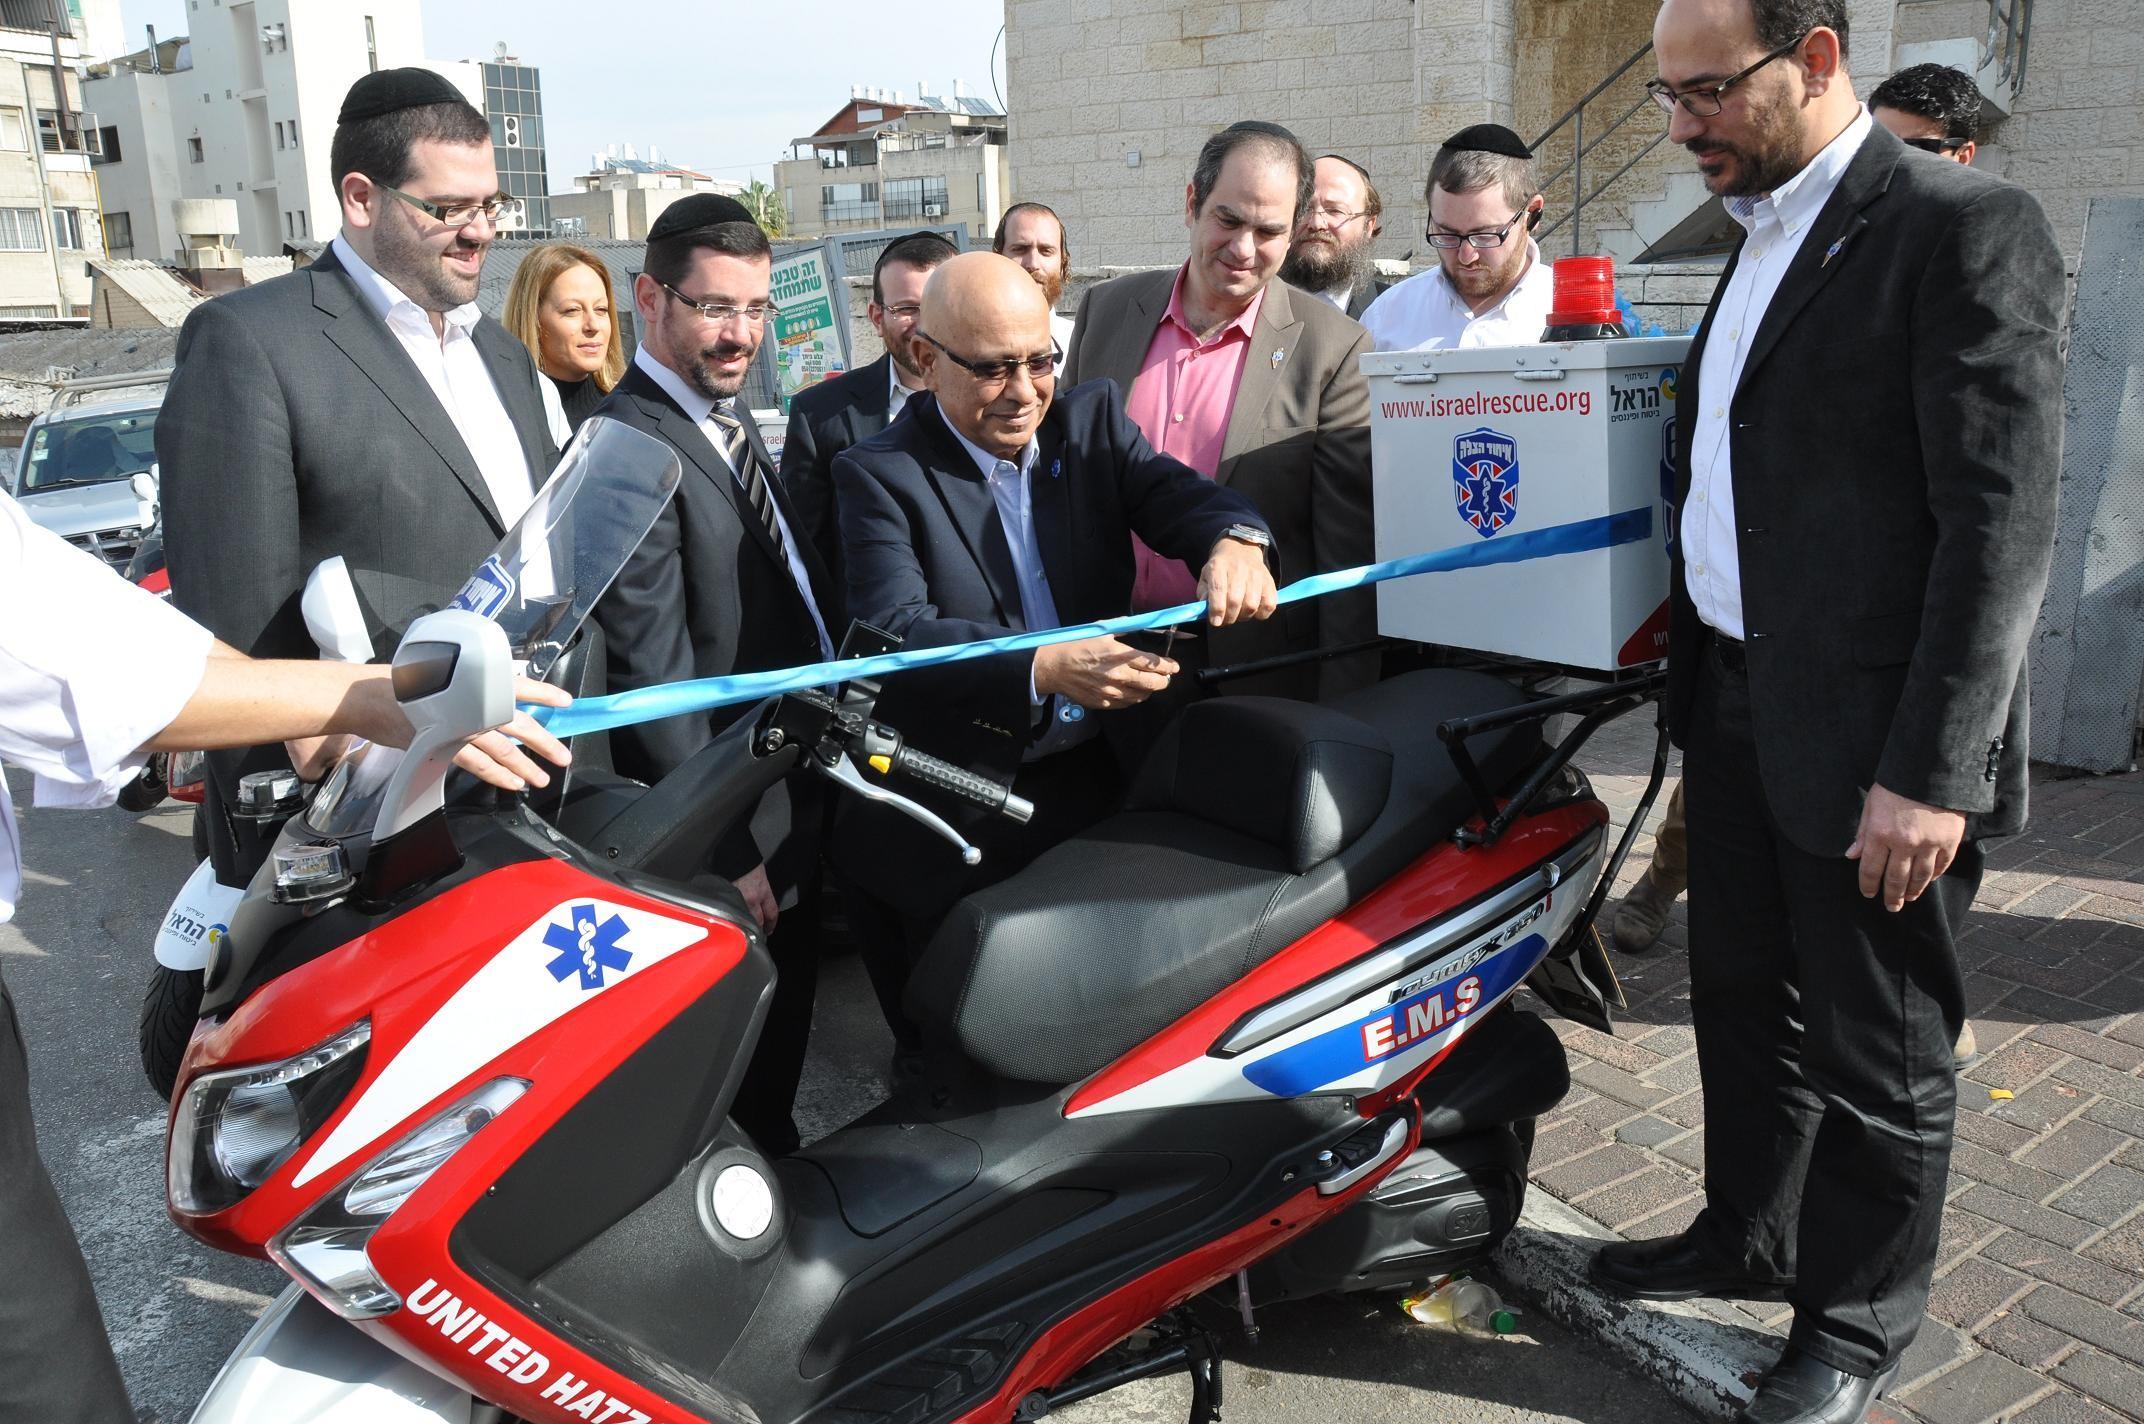 ראש המוסד לשעבר מאיר דגן מצטרף לאיחוד הצלה צילום עוזי ברק (1)